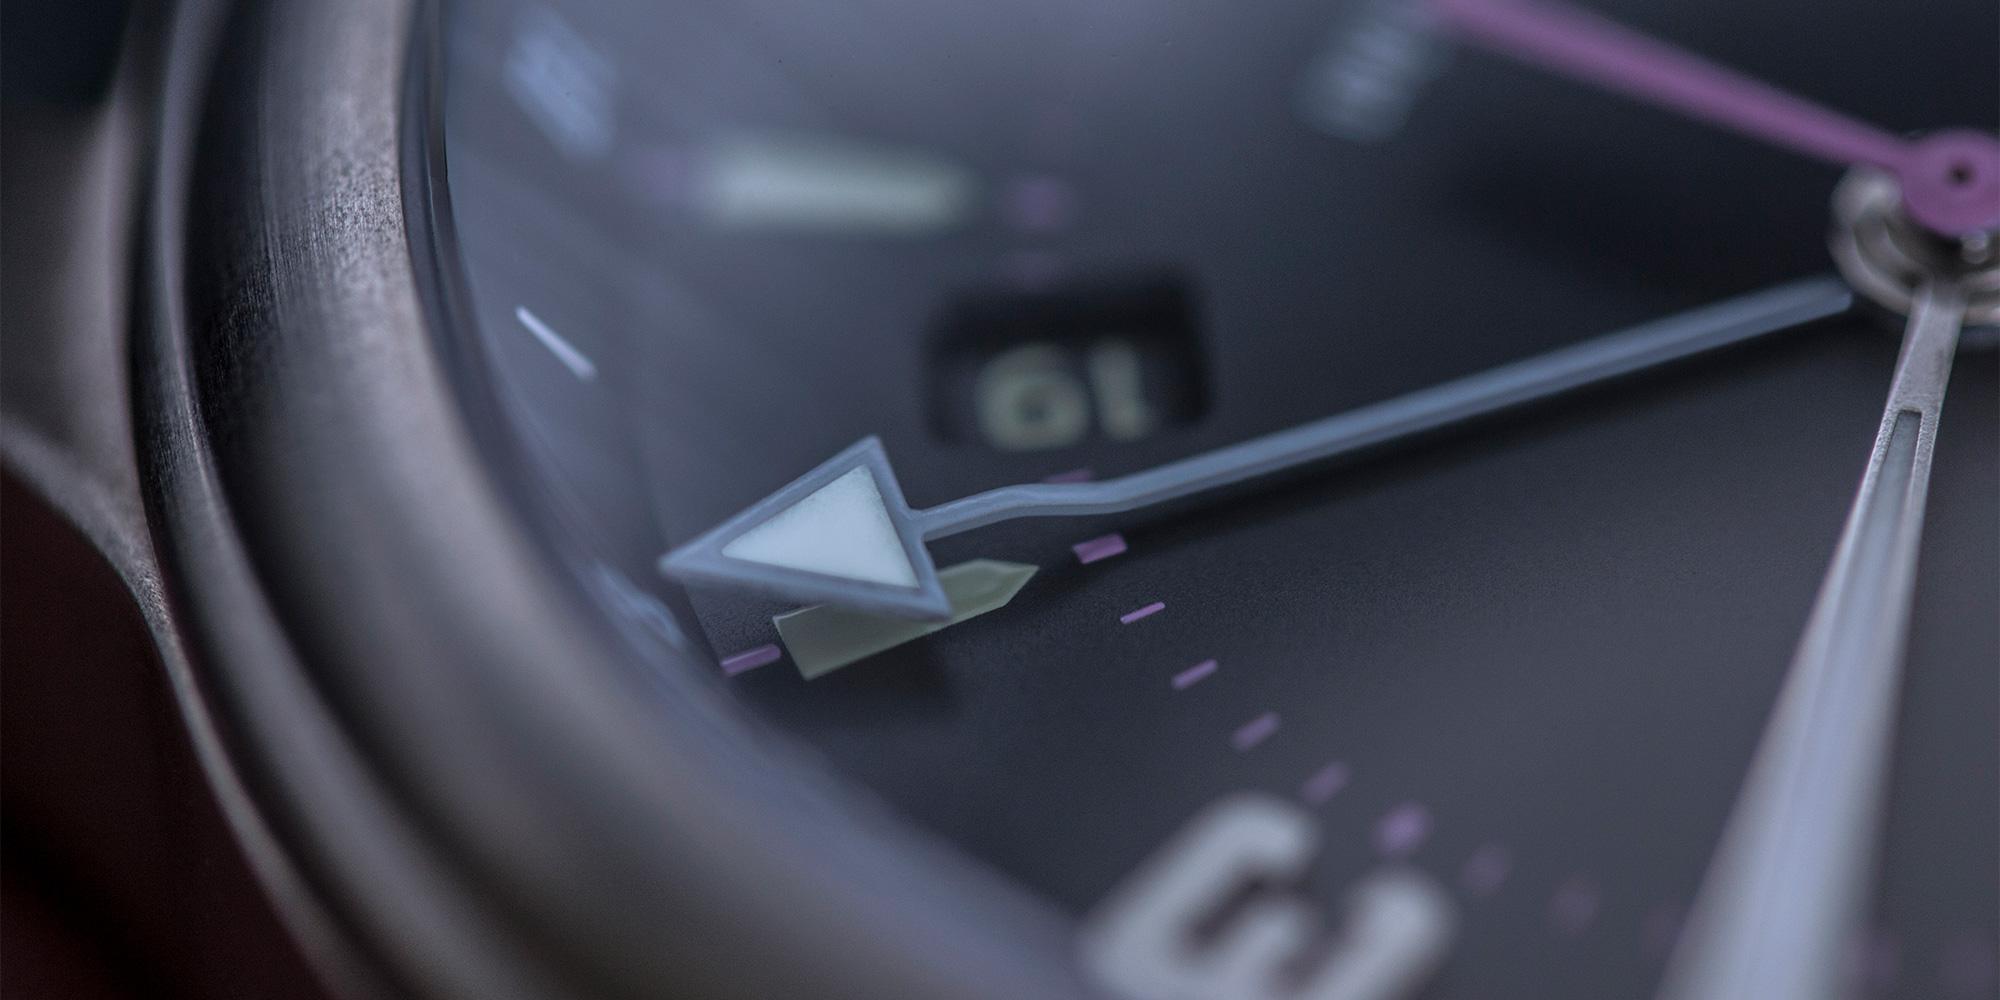 pinion-tt-anthracite-titanium-gmt-watch-detail